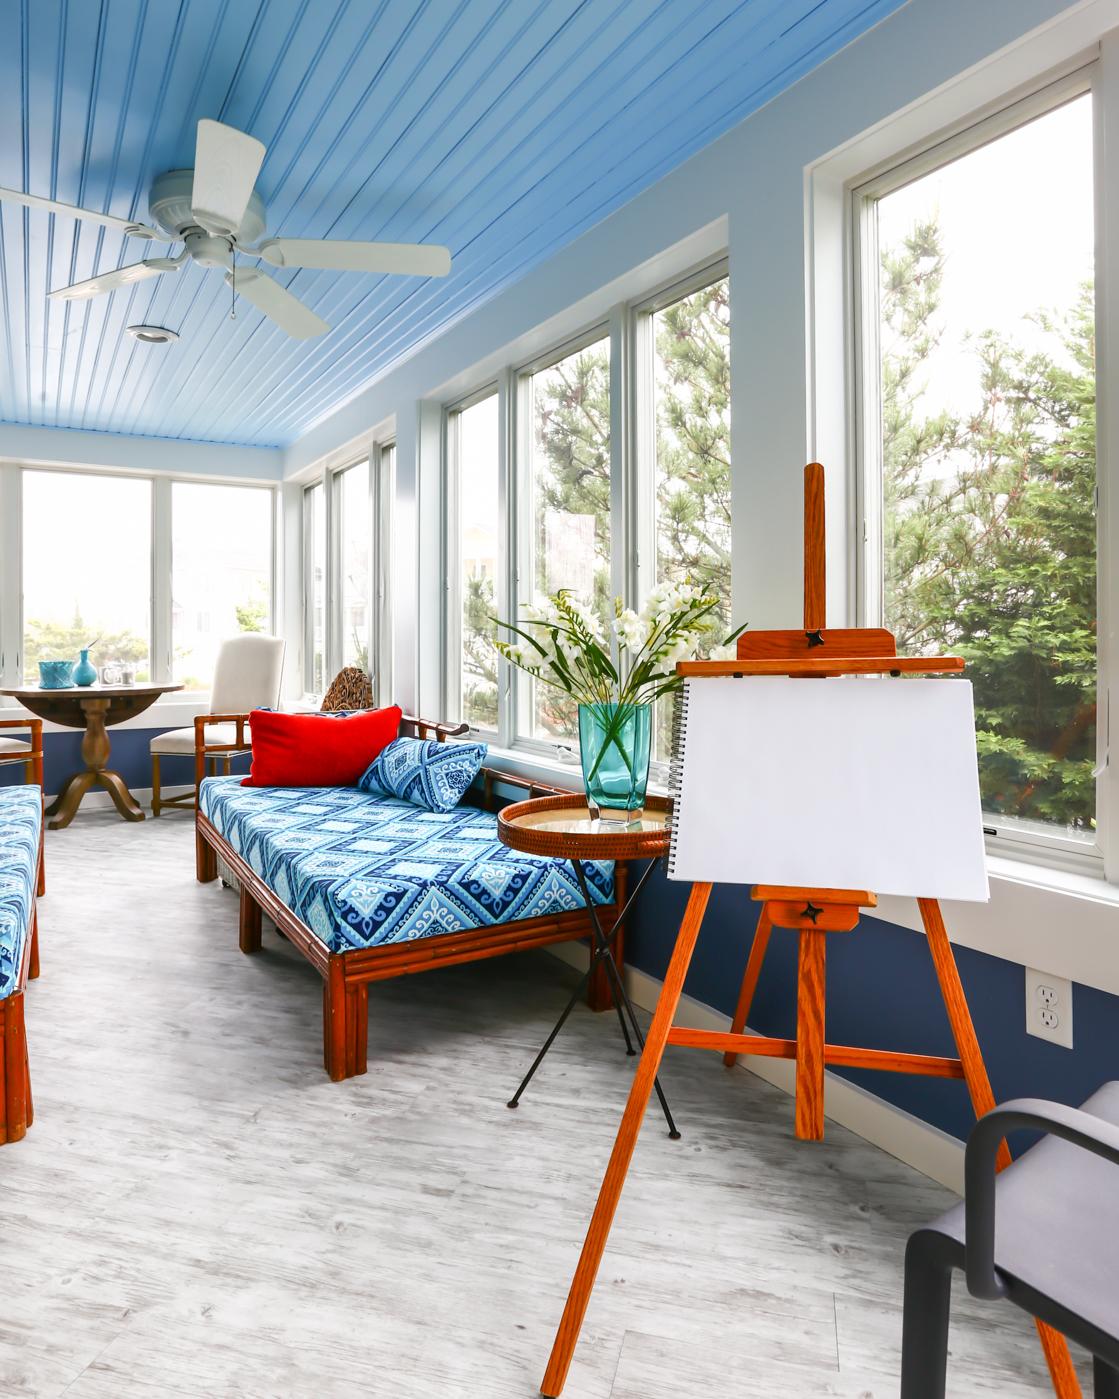 A Porch to Sunroom Conversion